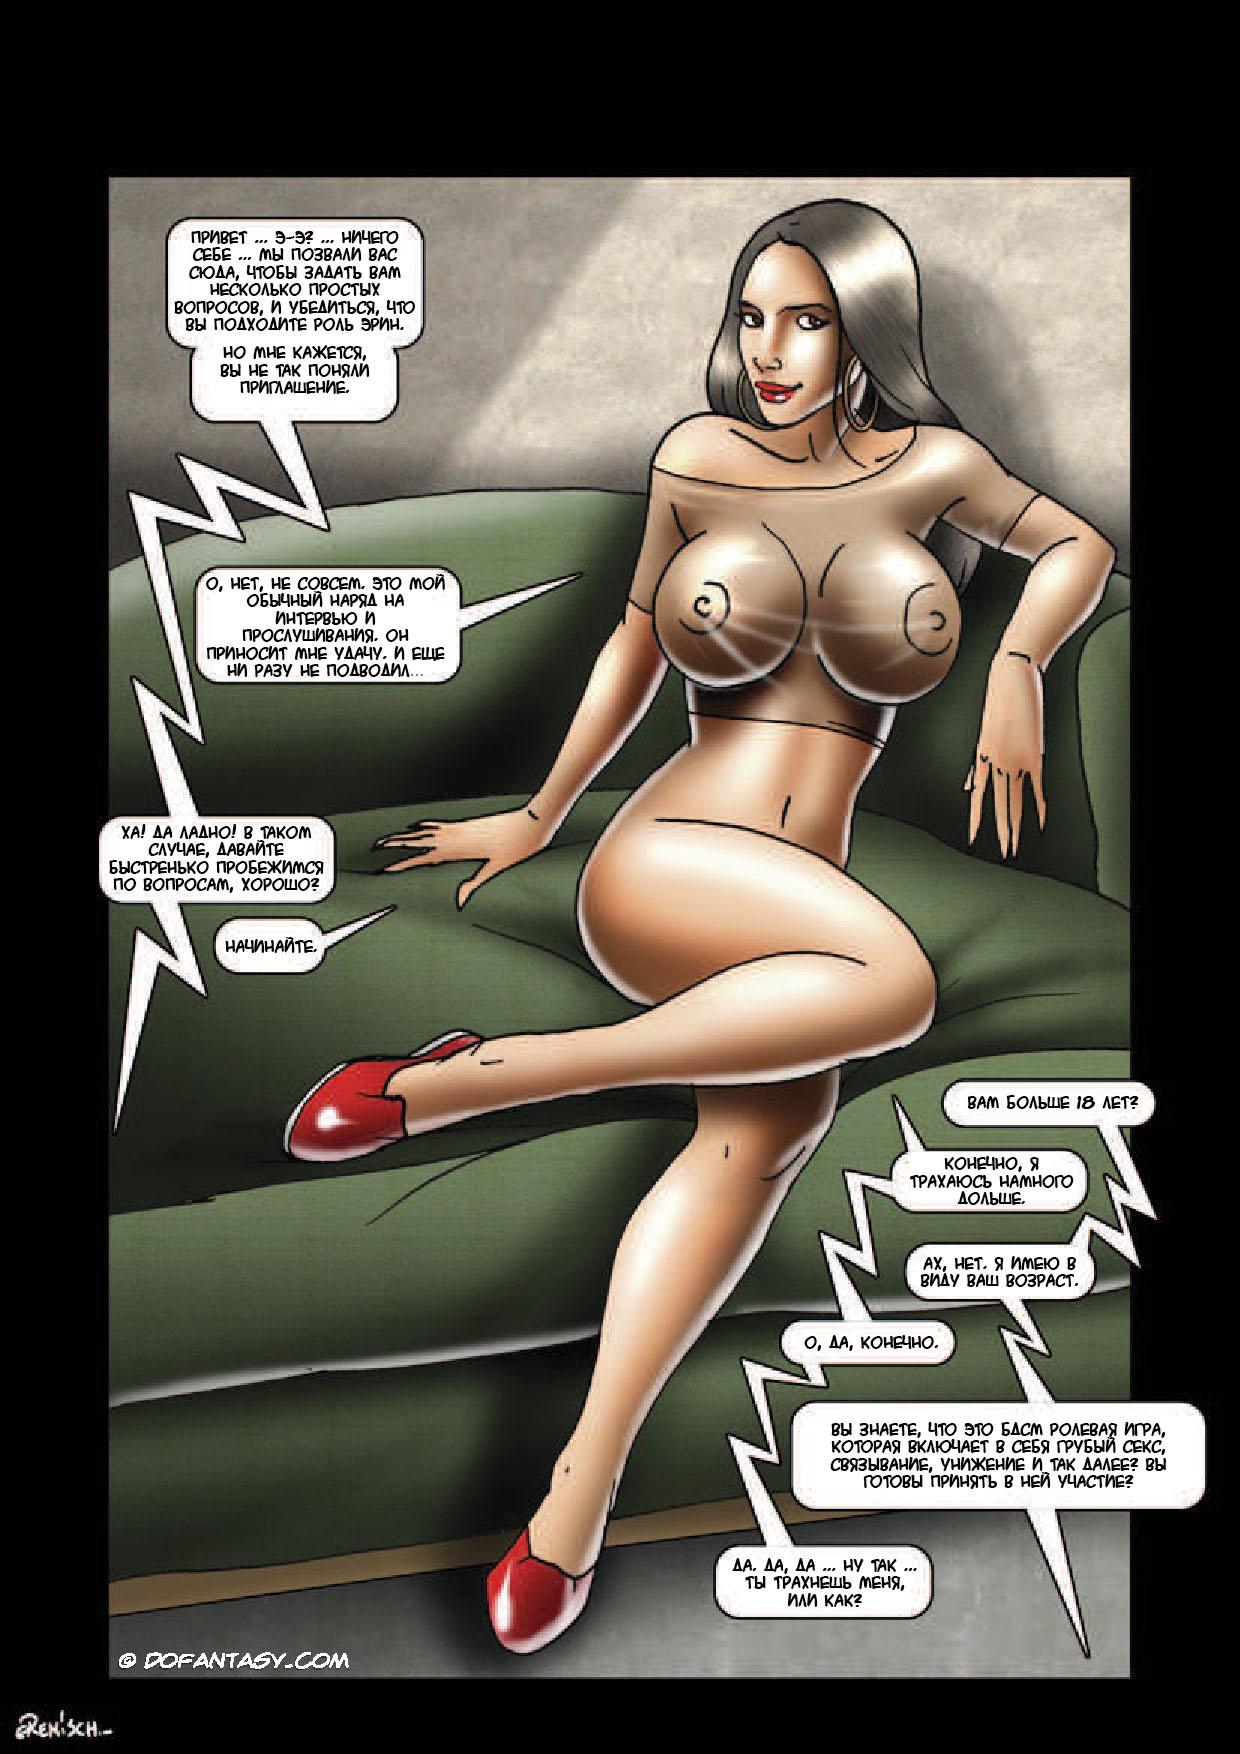 Ярмарка рабынь 2 комикс 24 фотография